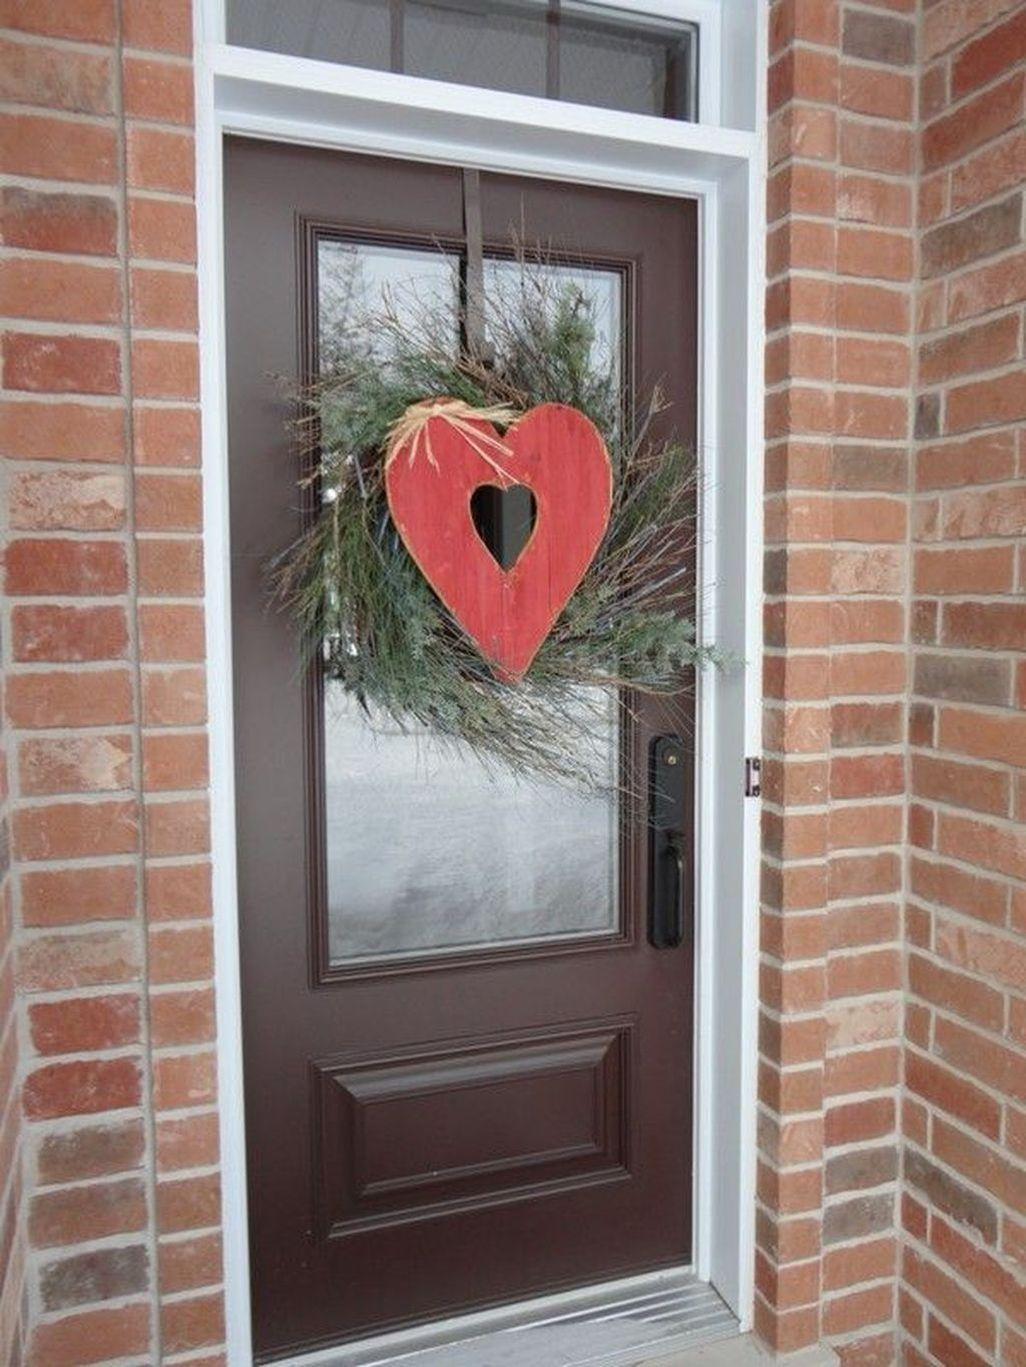 41 Amazing Outdoor Valentine Decoration Ideashomedecorish